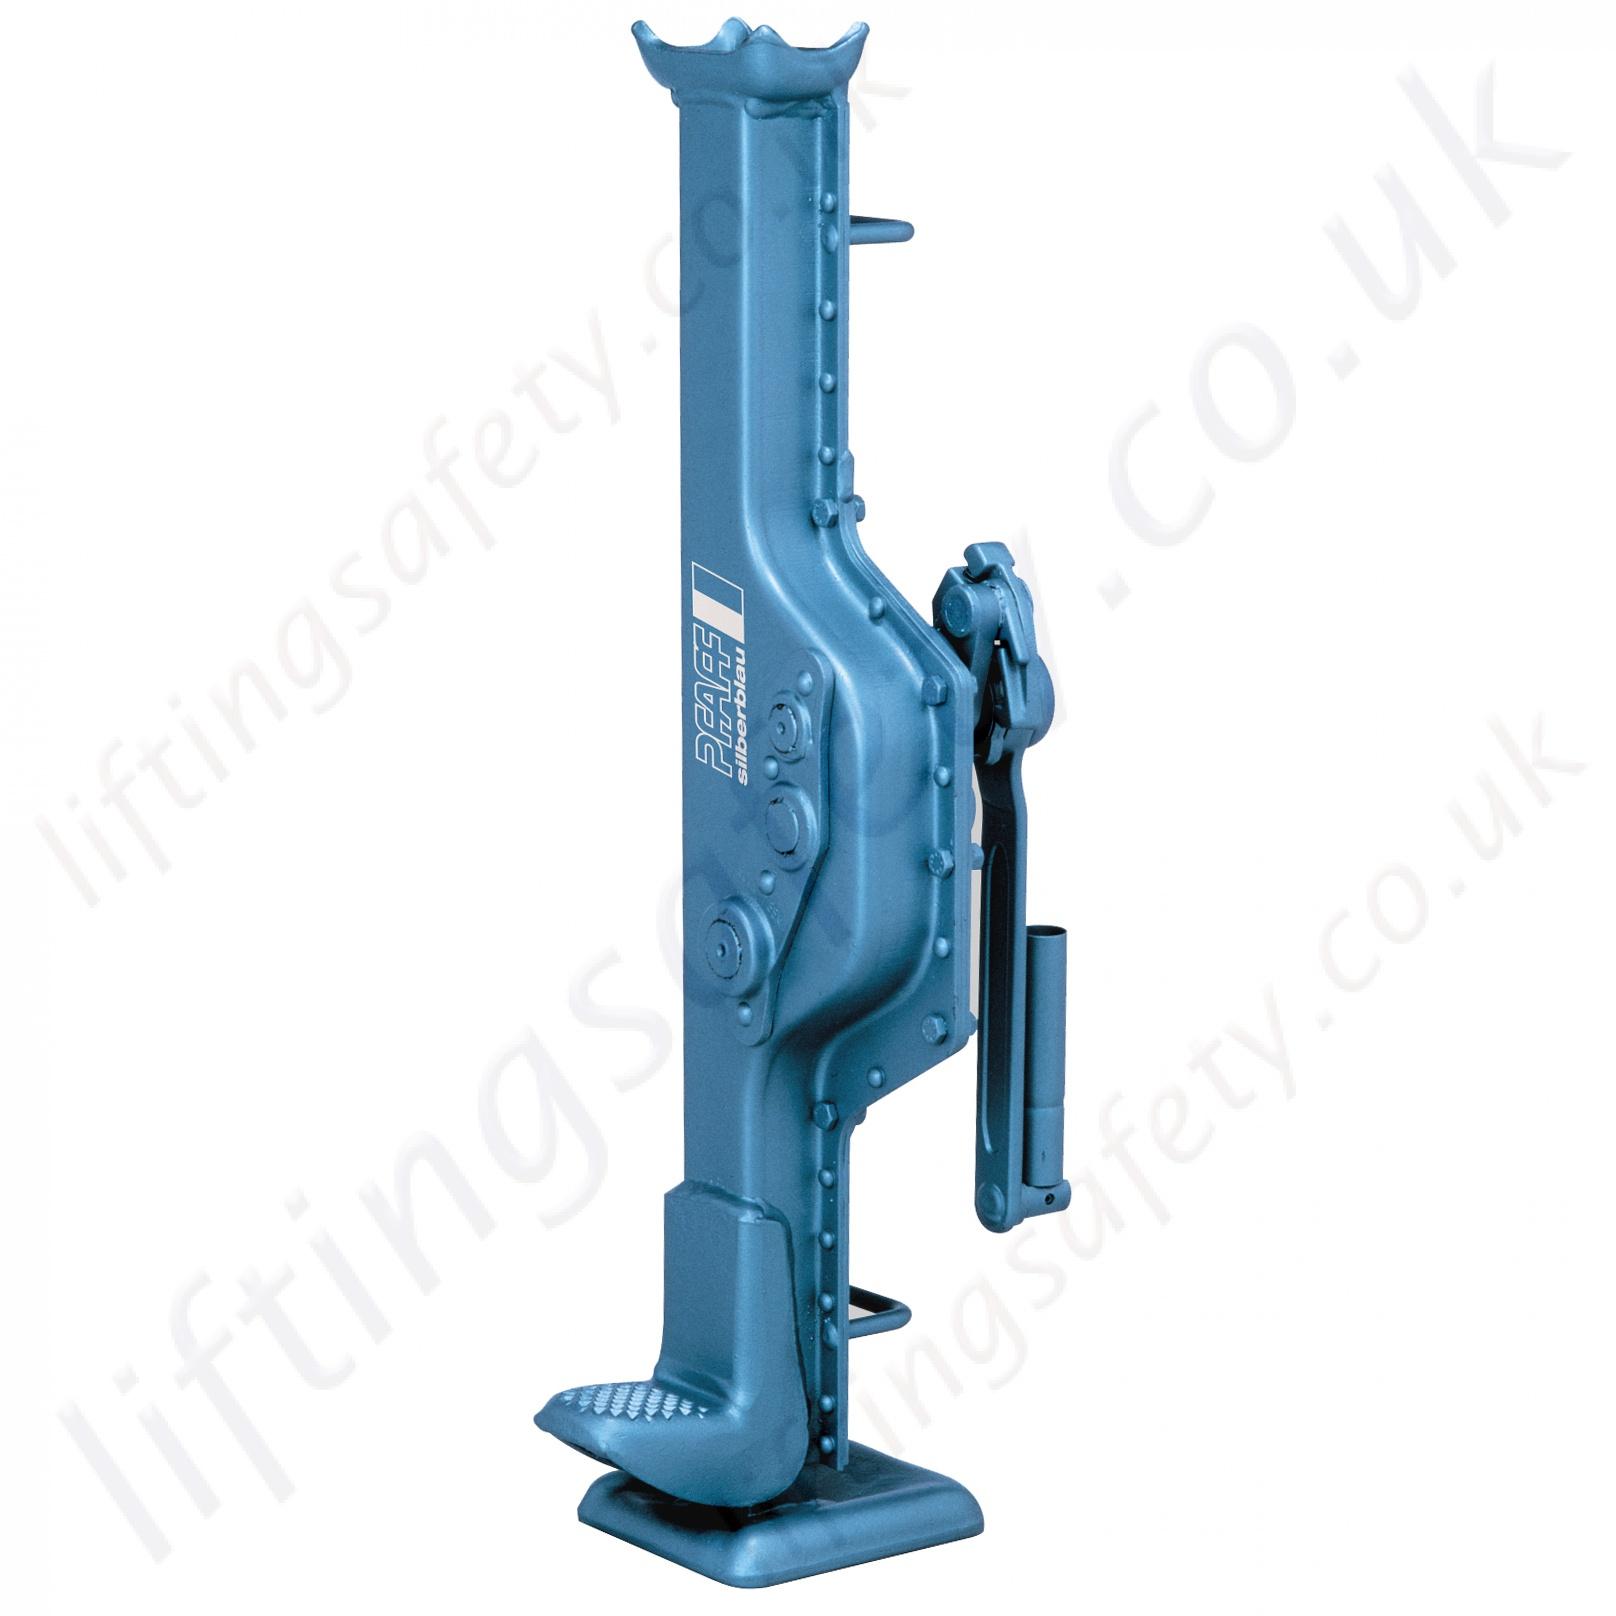 Steel Lifting : Pfaff stw f steel jacks fixed lifting claw range from